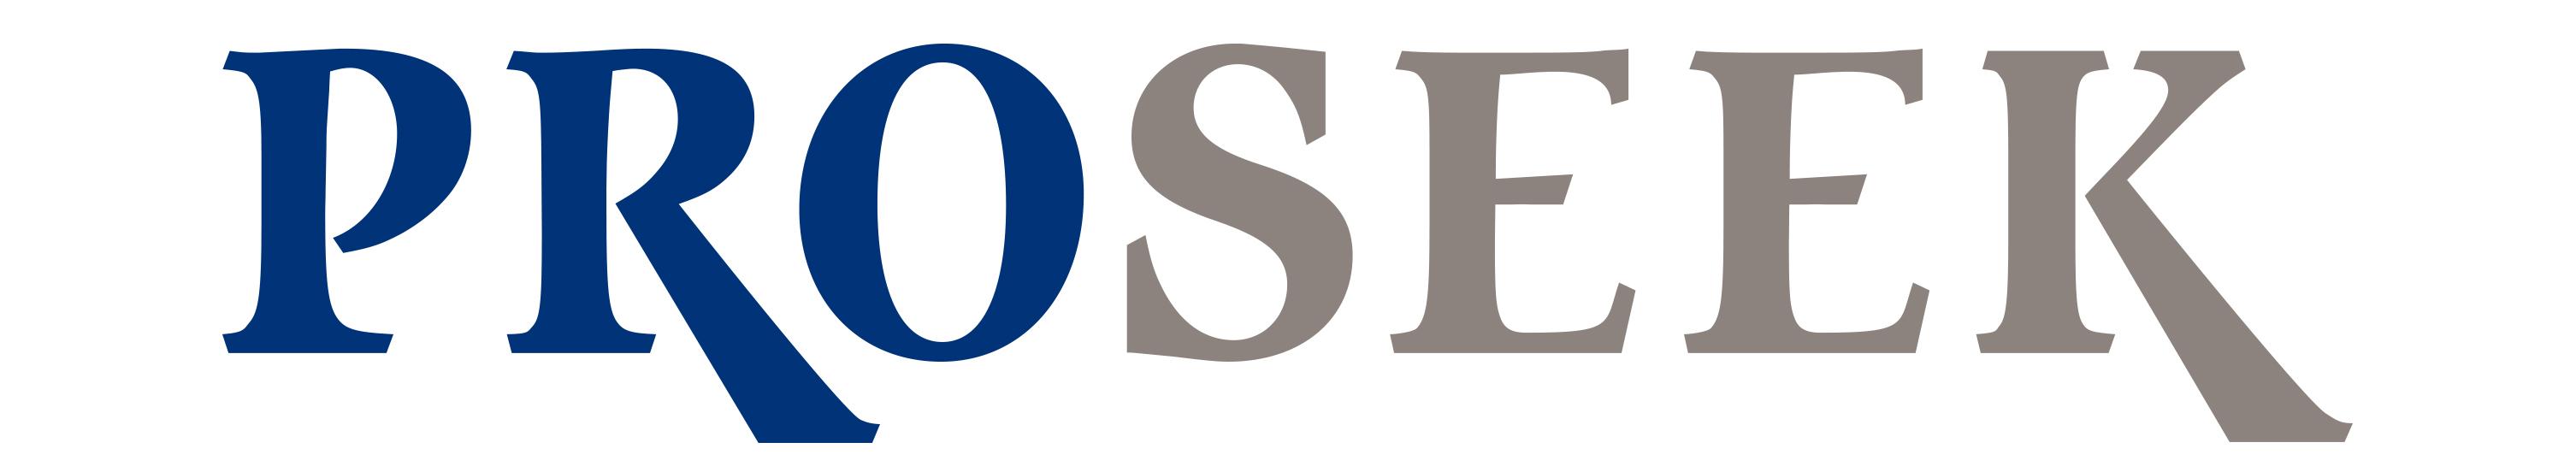 proseek_logo